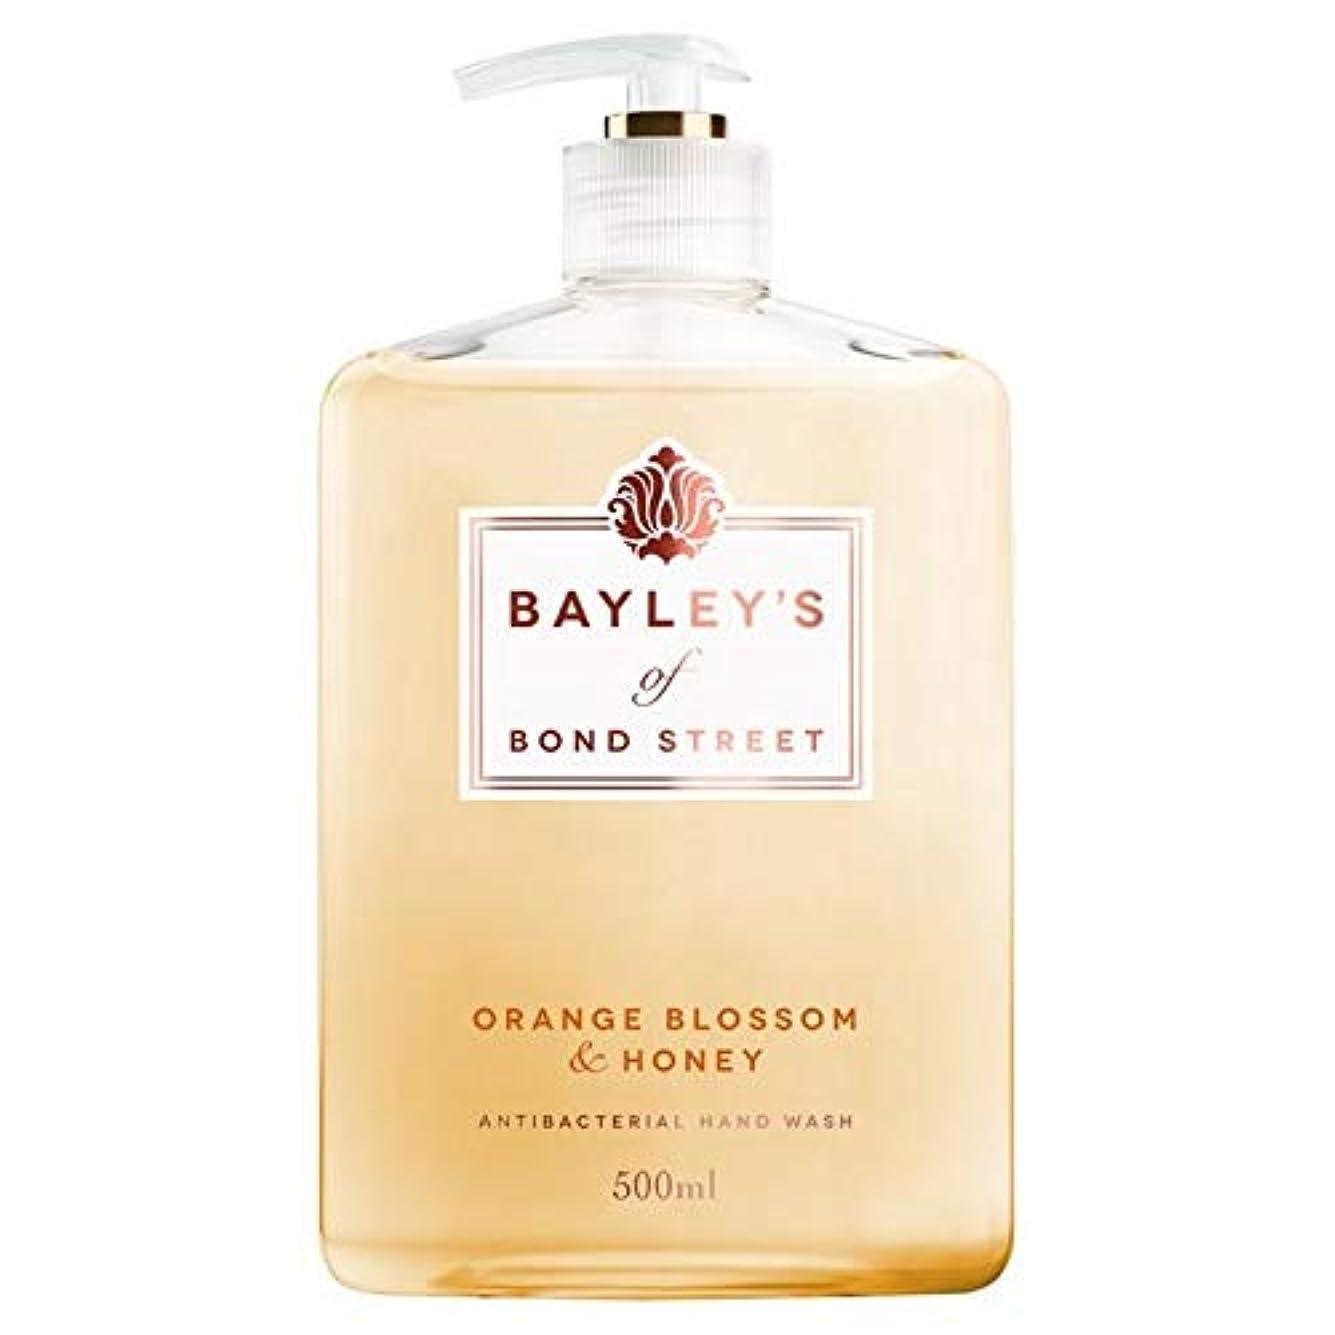 ハイブリッド二層費やす[Bayley's of Bond Street ] ベイリーのボンドストリートオレンジブロッサム&ハニーハンドウォッシュ500ミリリットルの - Bayley's of Bond Street Orange Blossom...